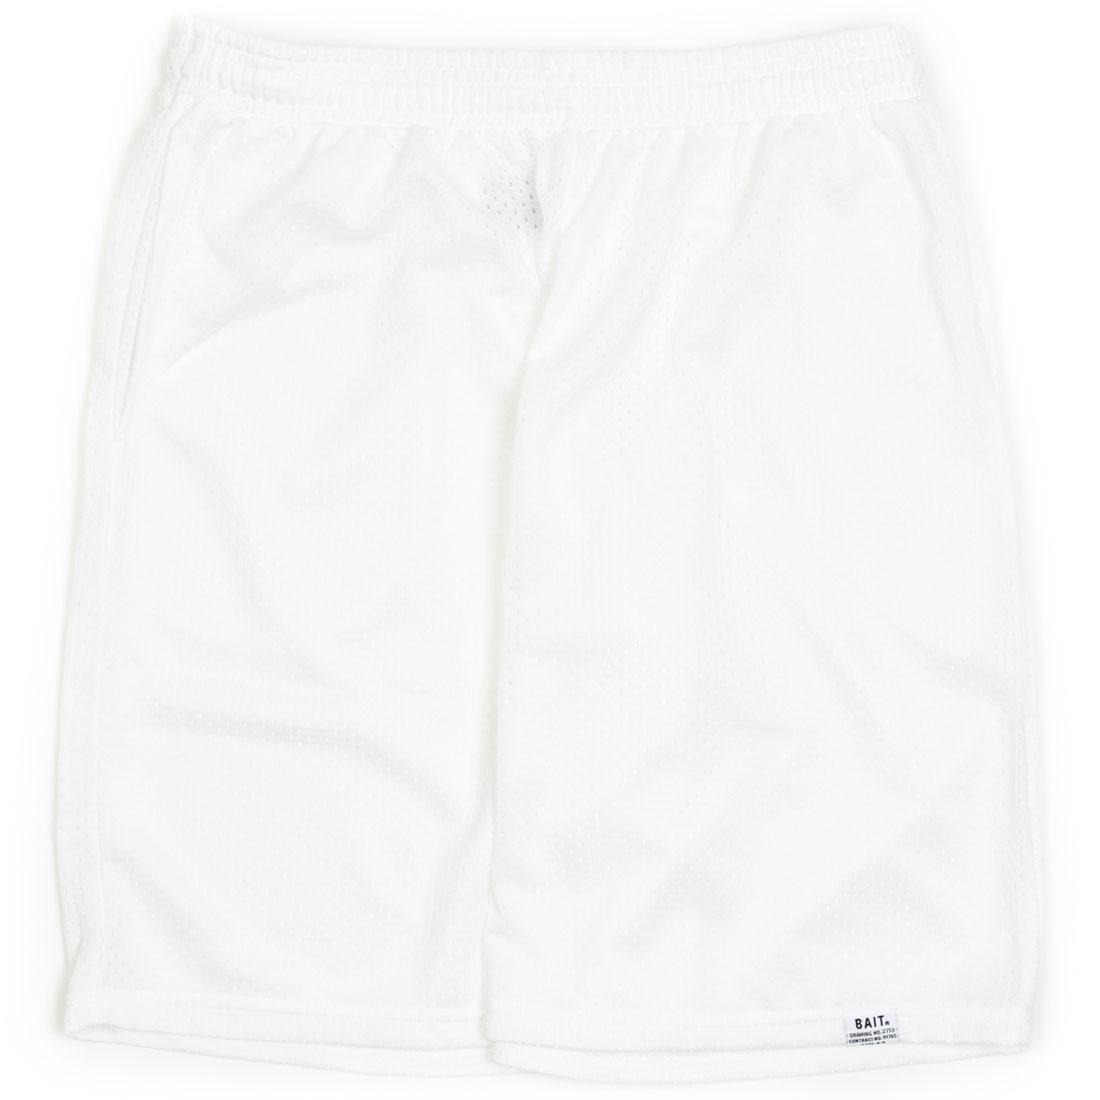 ベイト BAIT ナイロン バスケットボール ショーツ ハーフパンツ 白 ホワイト 【 WHITE BAIT MEN NYLON BASKETBALL SHORTS 】 メンズファッション ズボン パンツ